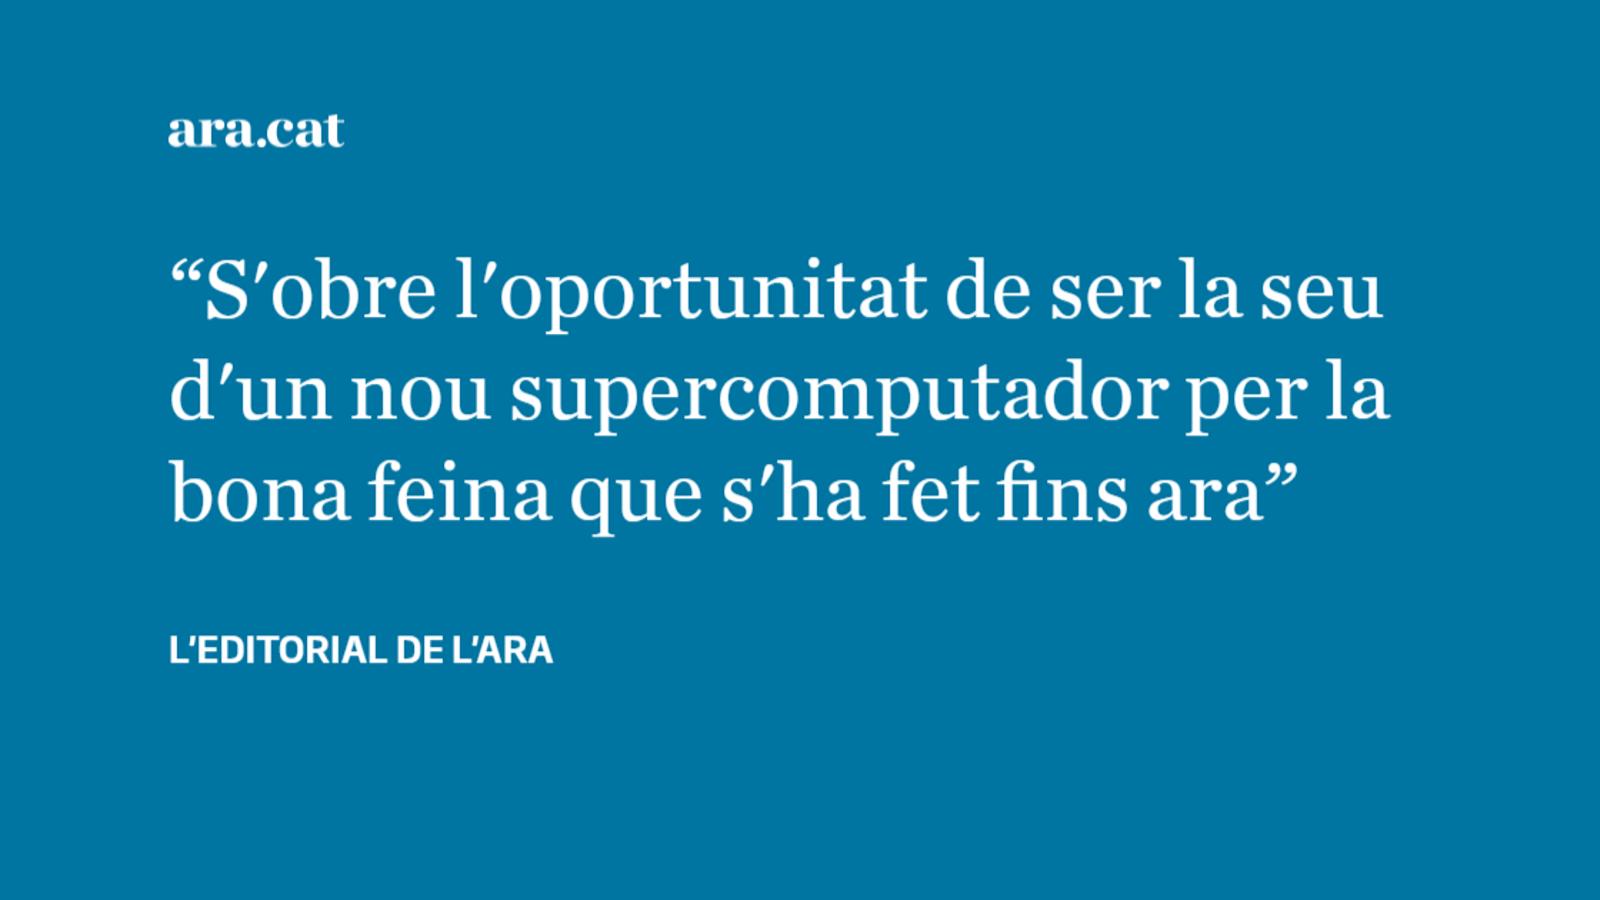 Barcelona pot seguir liderant la supercomputació a Europa